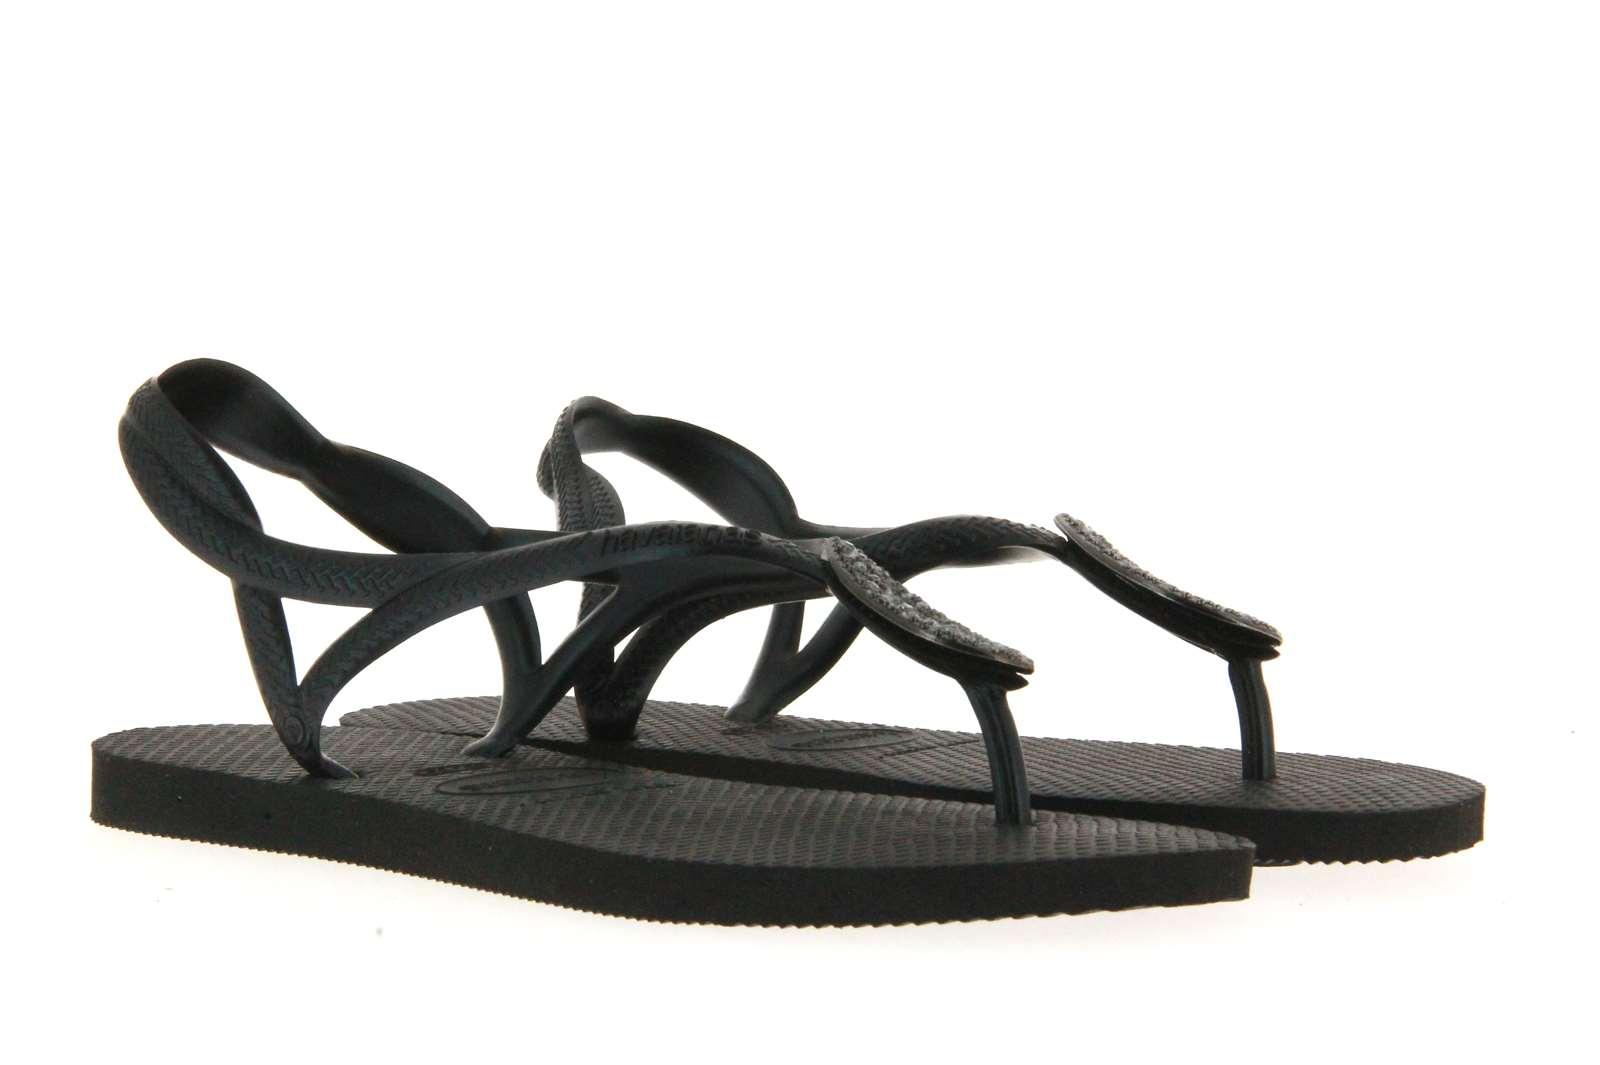 Havaianas toe sandals LUNA SPECIAL BLACK DARK GREY